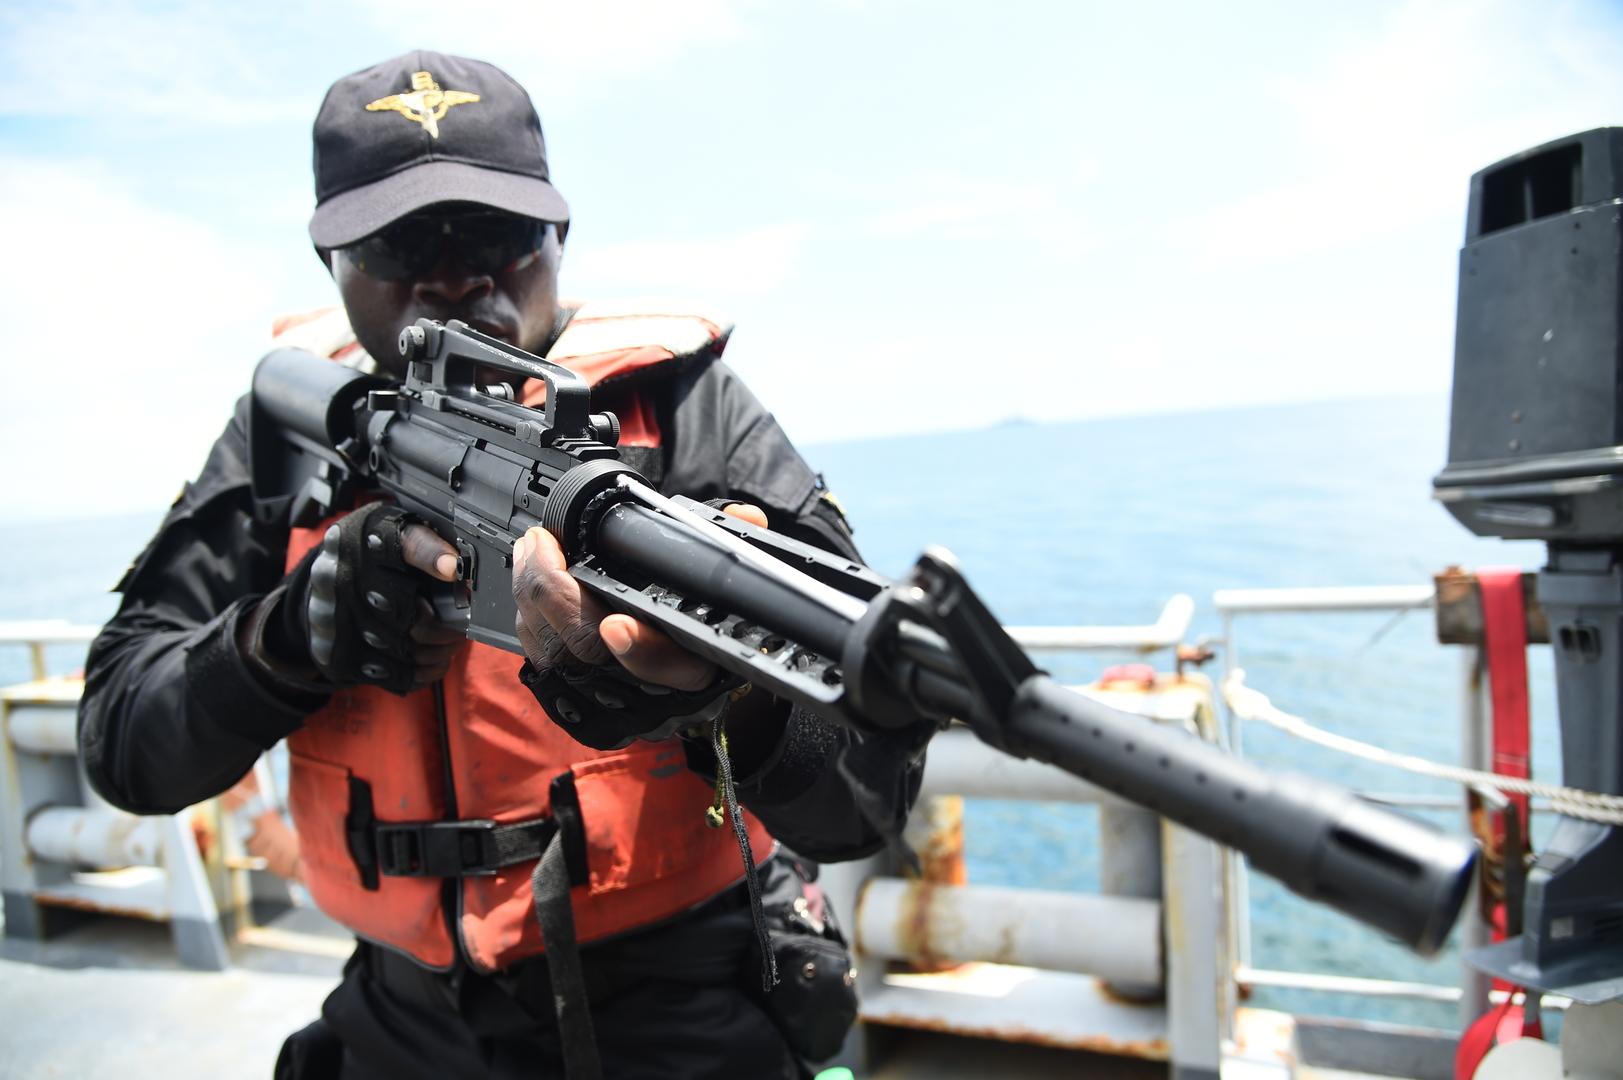 مسؤول نيجيري: قراصنة صوماليون ينشطون الآن في مياهنا الإقليمية